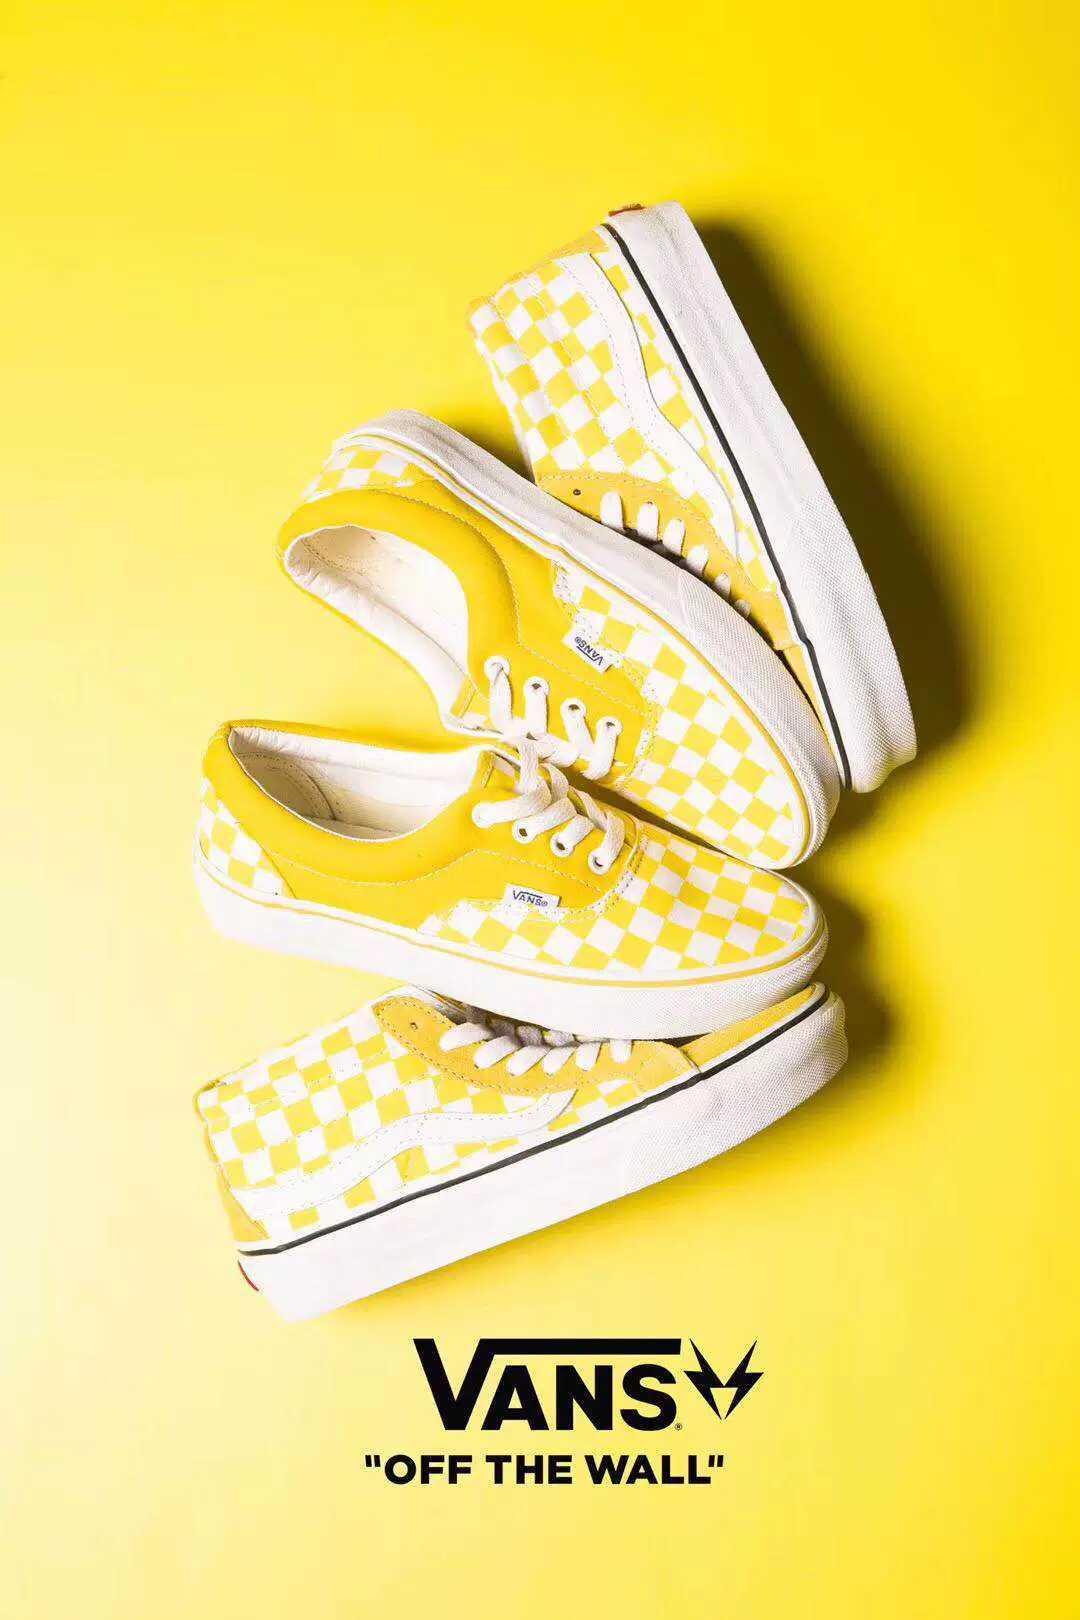 🌈220 Vans范斯SK8-Mid 柠檬黄棋盘格休闲滑板鞋 尺码35-44